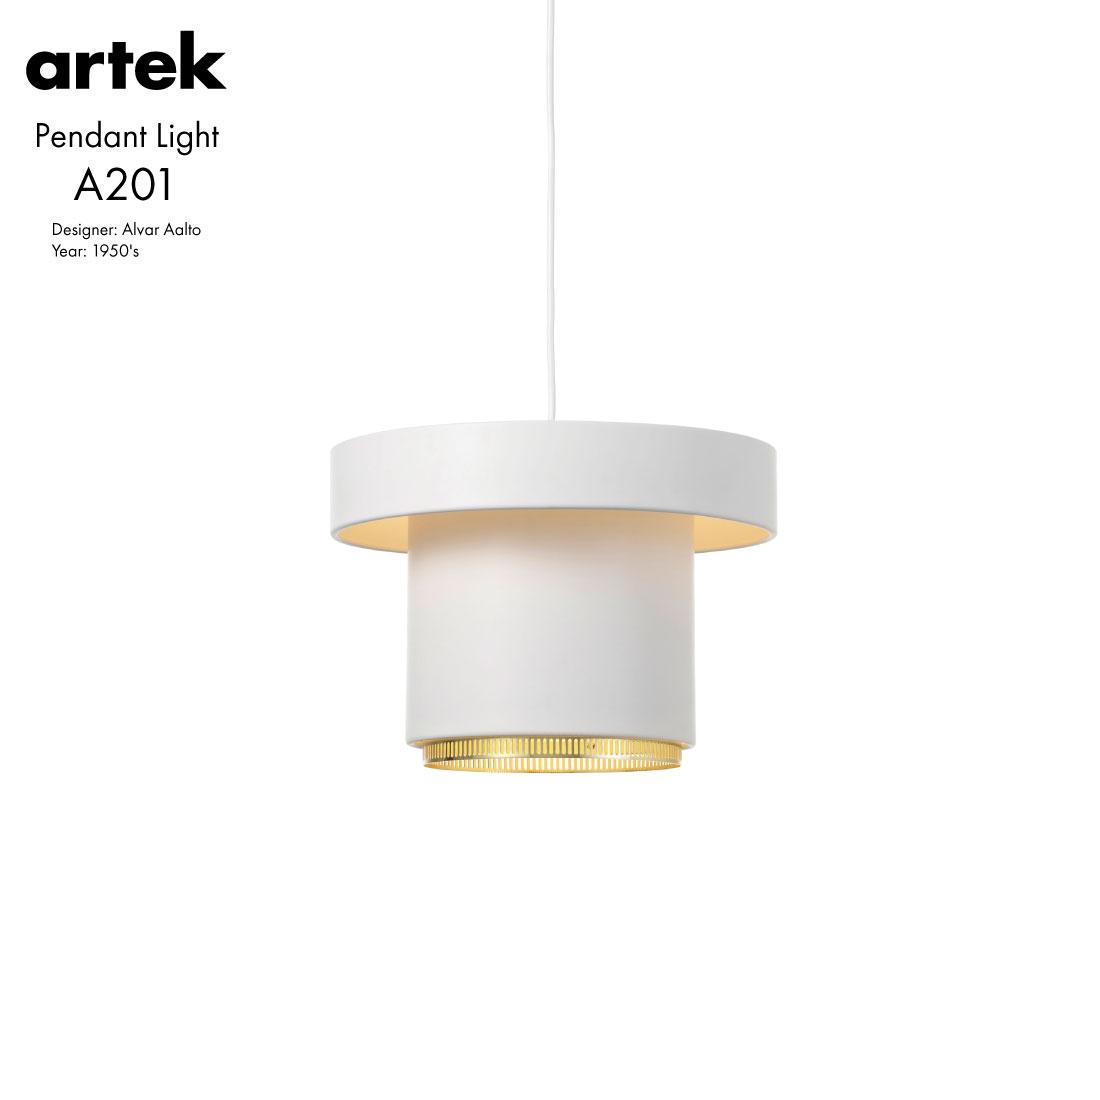 【artek/アルテック】Pendant Light A201Alvar Aalto/アルヴァ・アアルト/北欧/ペンダントランプ/照明/ライティング/